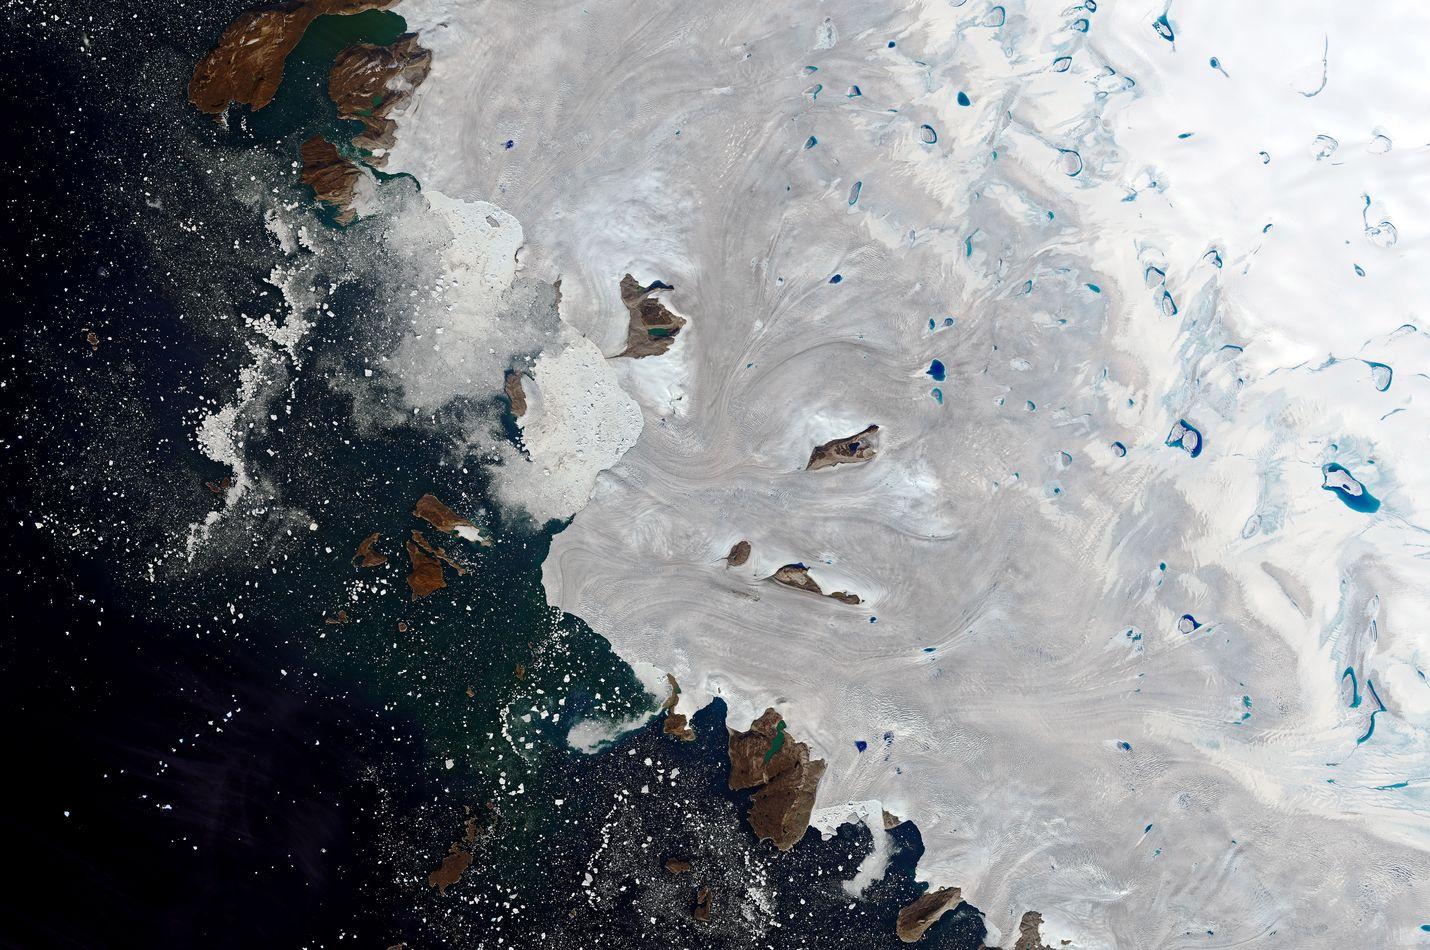 Grönlanti ei tiettävästi ole myynnissä, vaikka Trump ostoa suunnitteleekin. Sen sijaan saari on kesän aikana ollut uutisissa, koska sen jäätiköt ovat sulaneet ennätysvauhdilla.